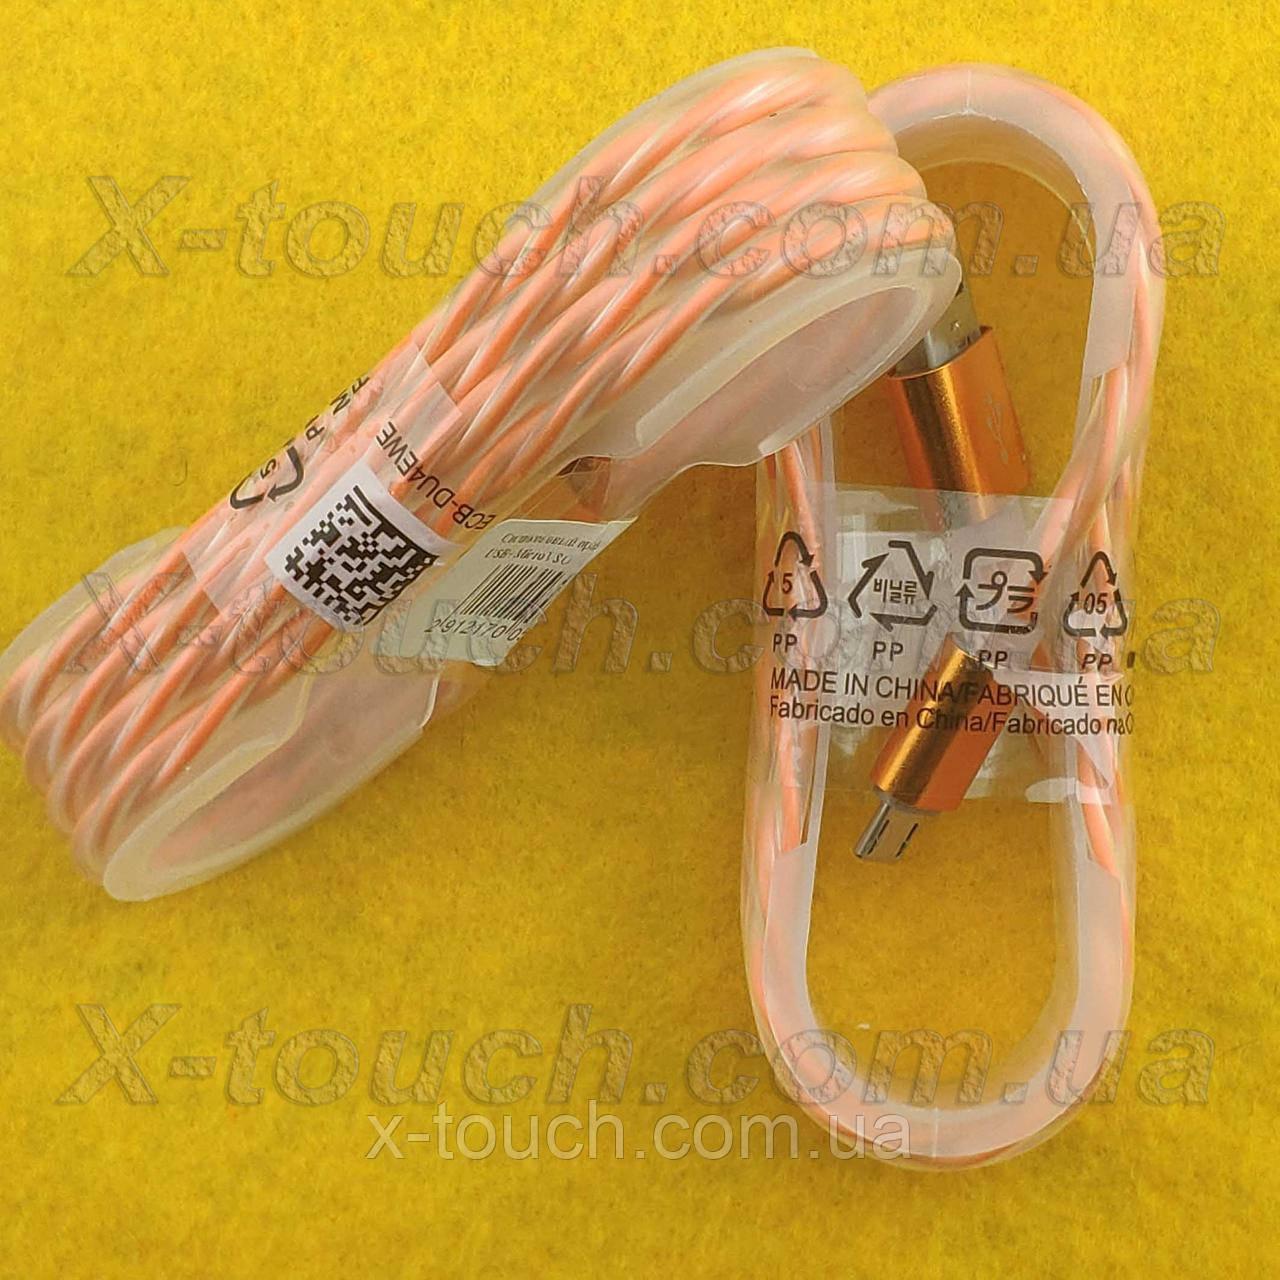 USB - Micro USB кабель в силиконовой оболочке 1 м, Шнур micro usb 2.0 для Asus ( цвет оранжевый)